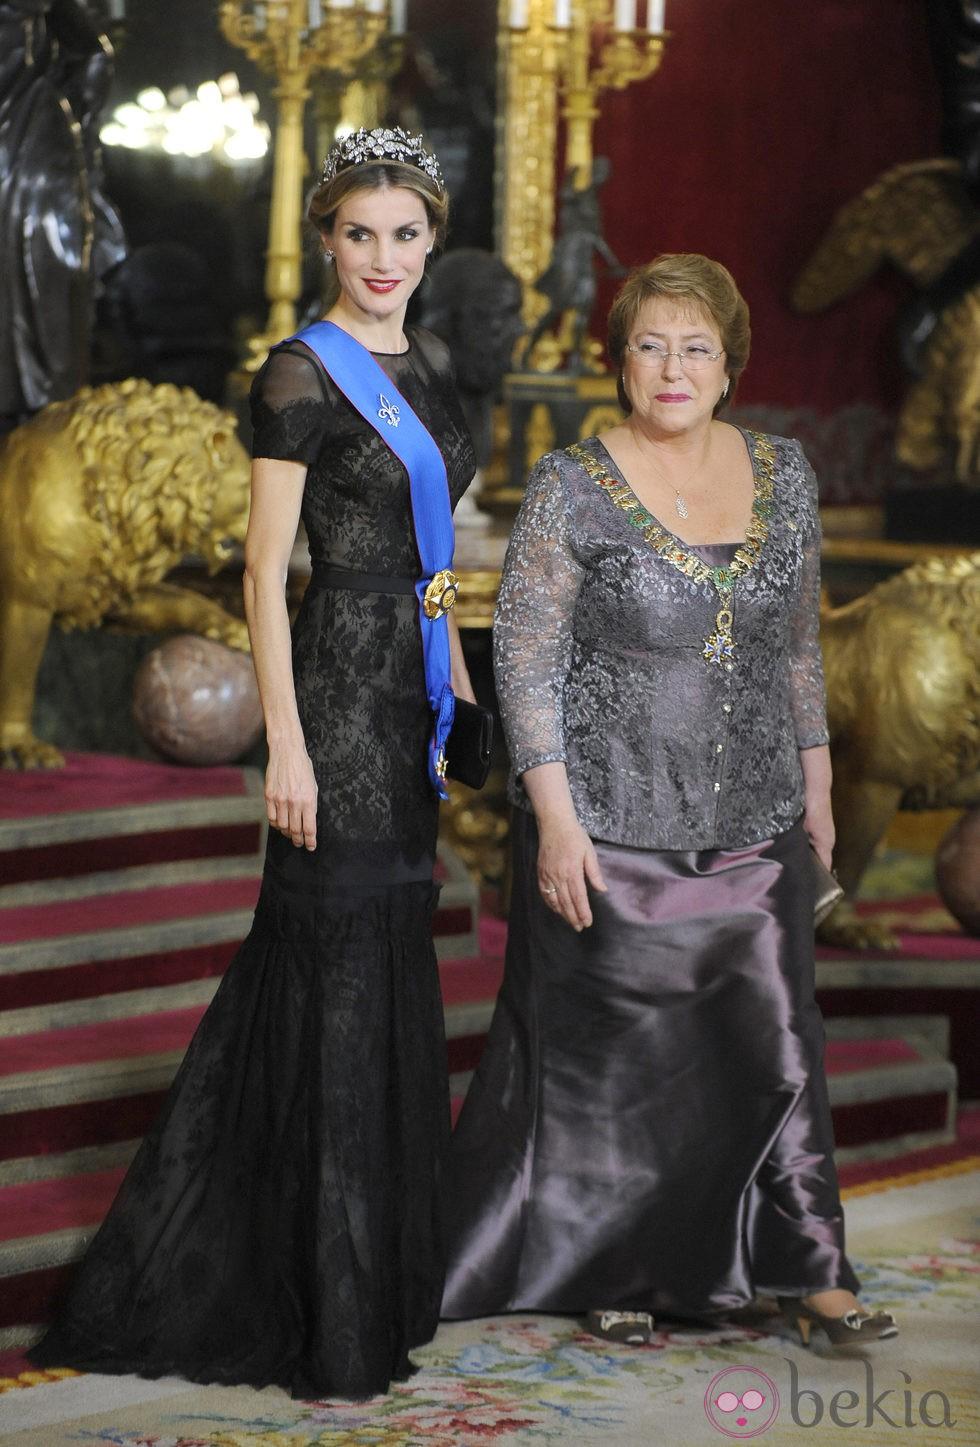 La Reina Letizia y Michelle Bachelet en la cena de gala ofrecida en honor de la Presidenta de Chile